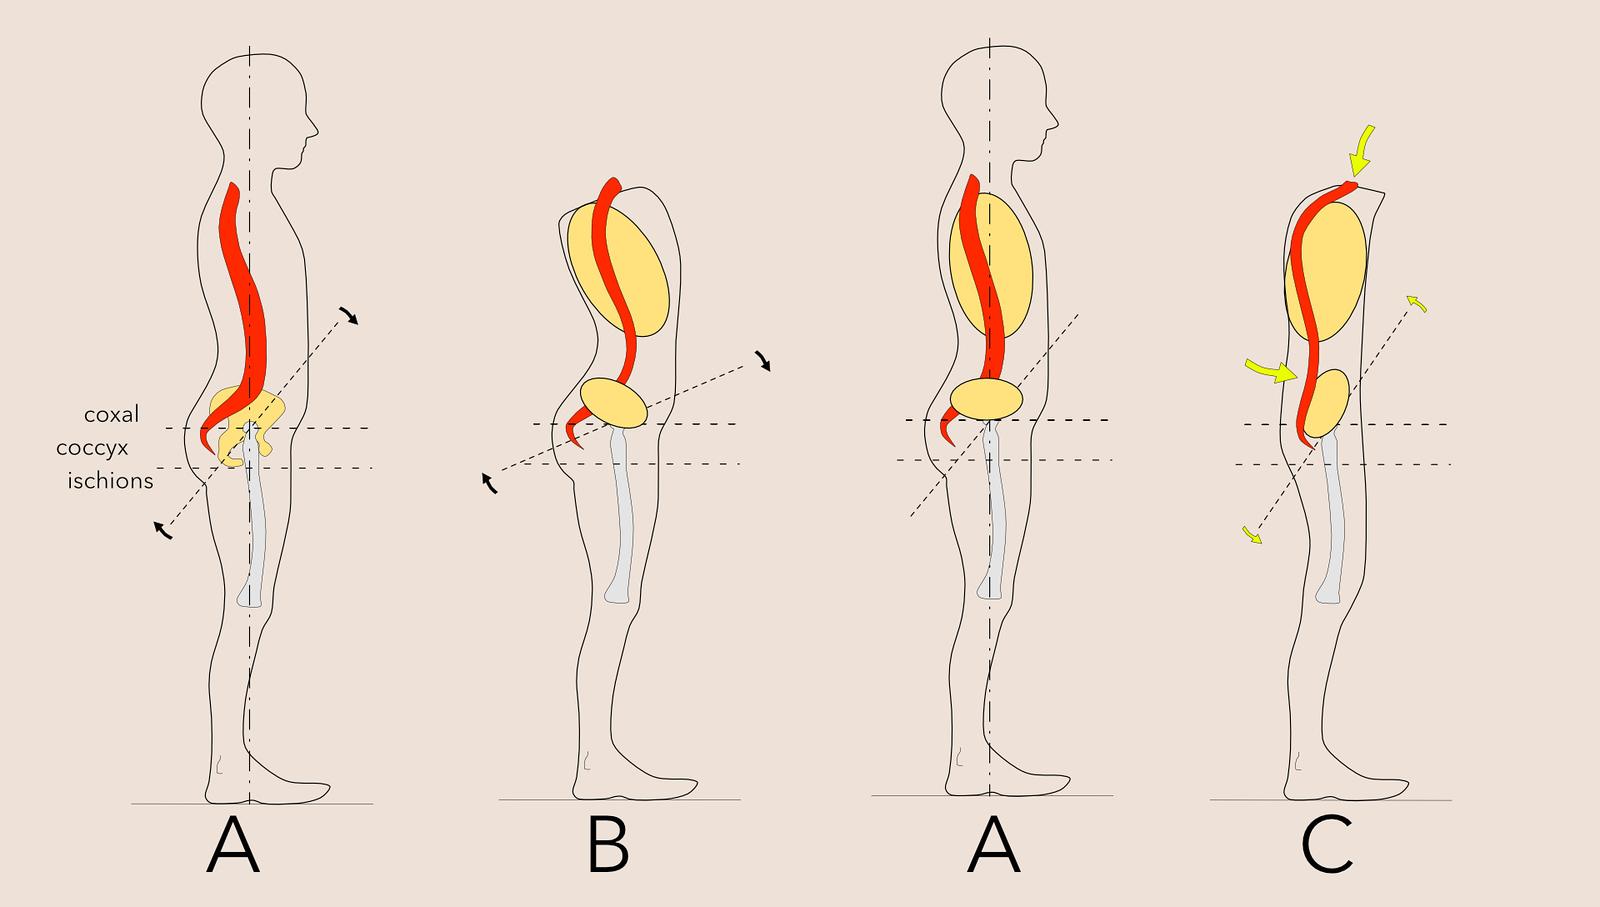 Le rôle de la rétroversion du bassin dans la posture de l'aplomb